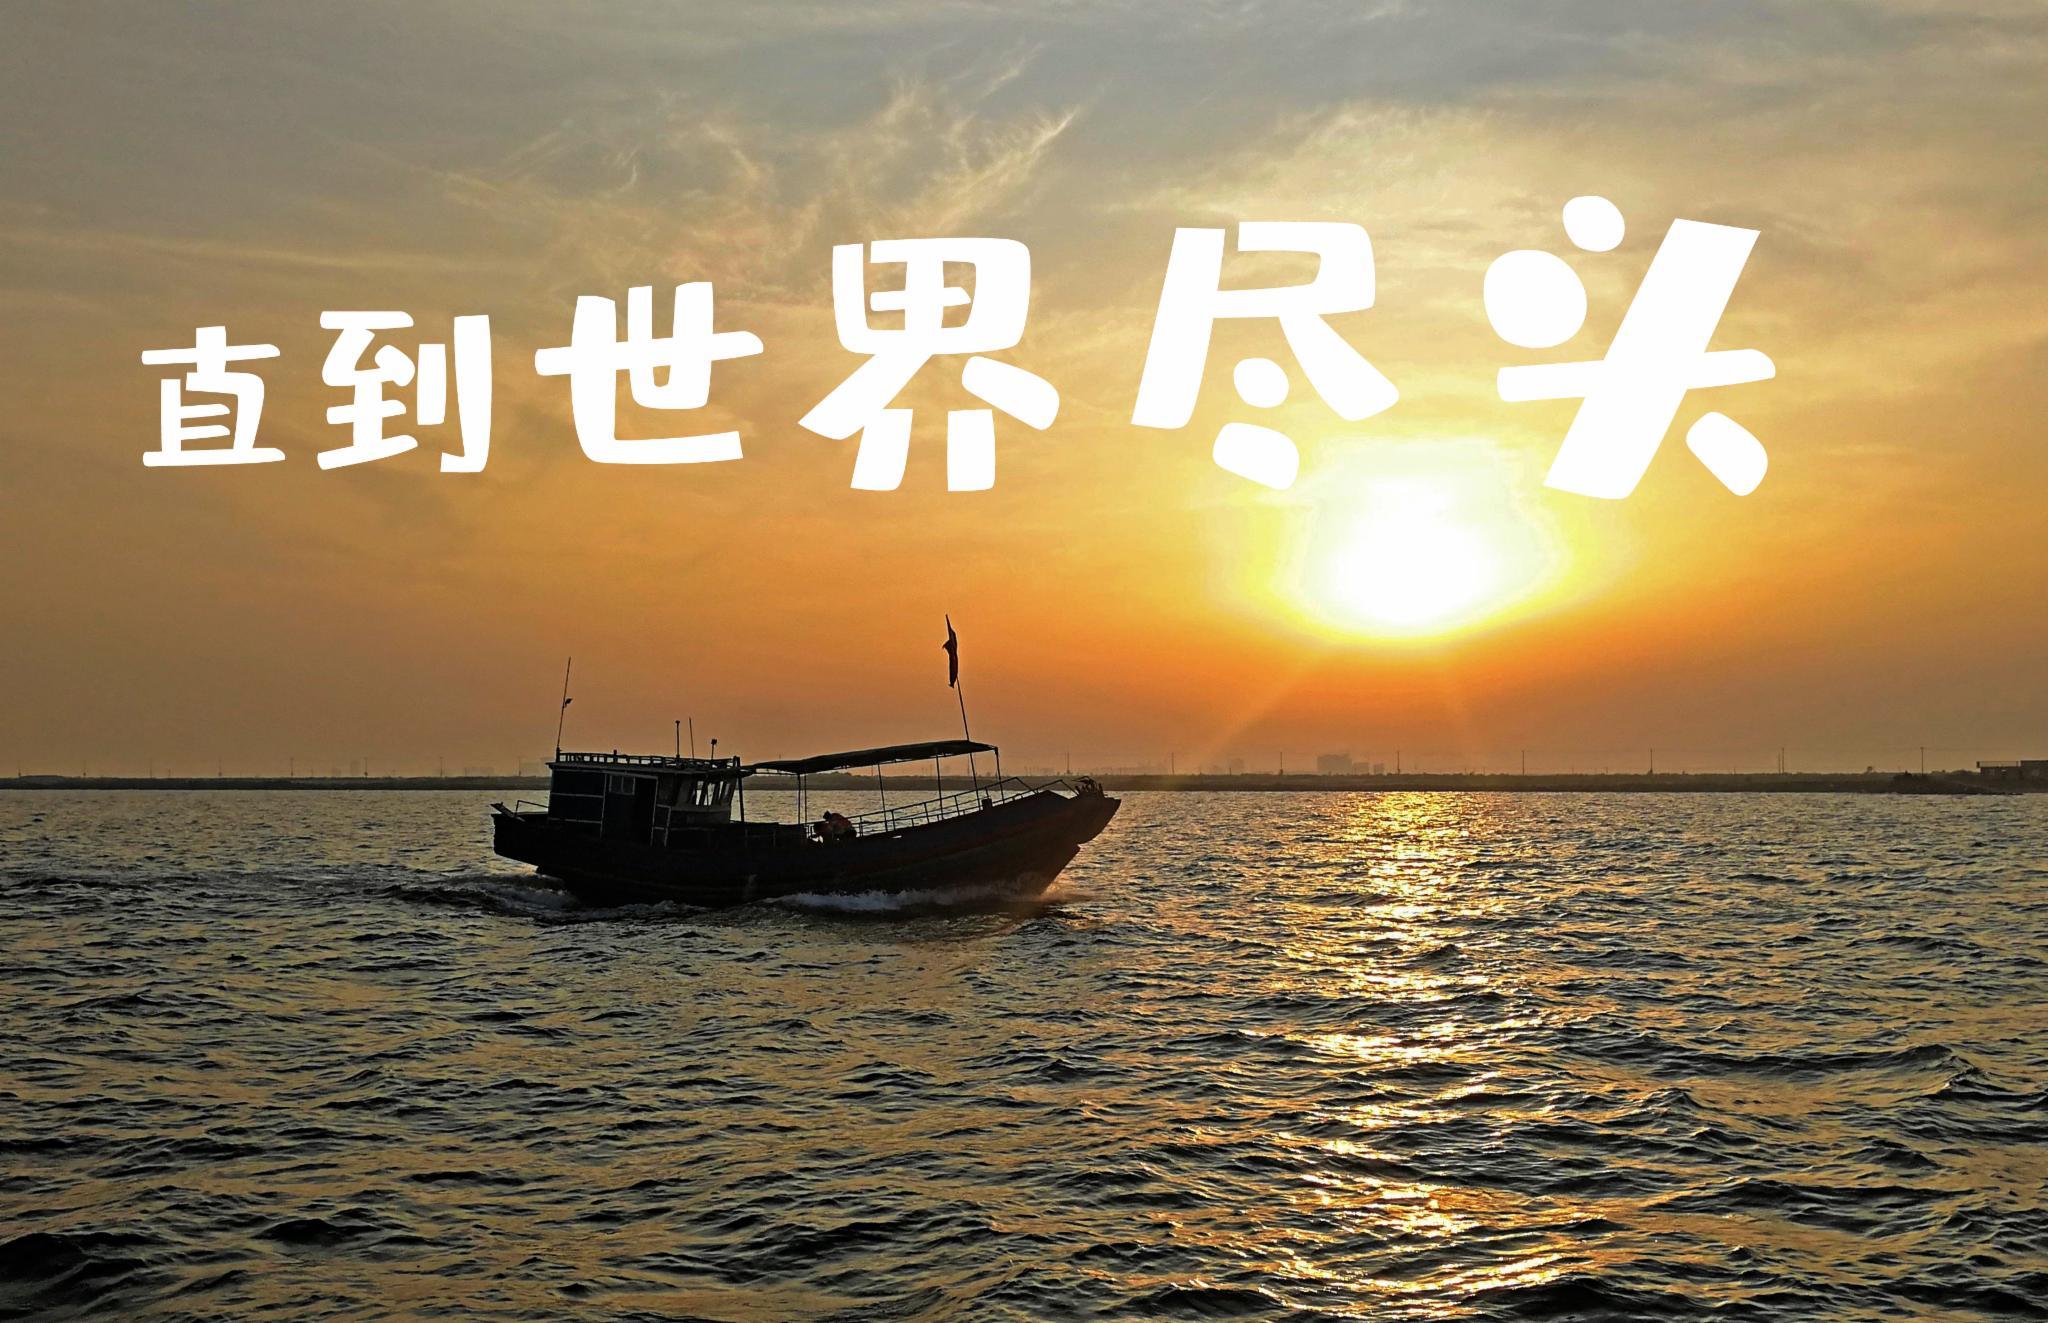 #写游记拿旅行基金#【乐亭-昌黎】六月端午节,京东醉美海岛3日自驾实用游记